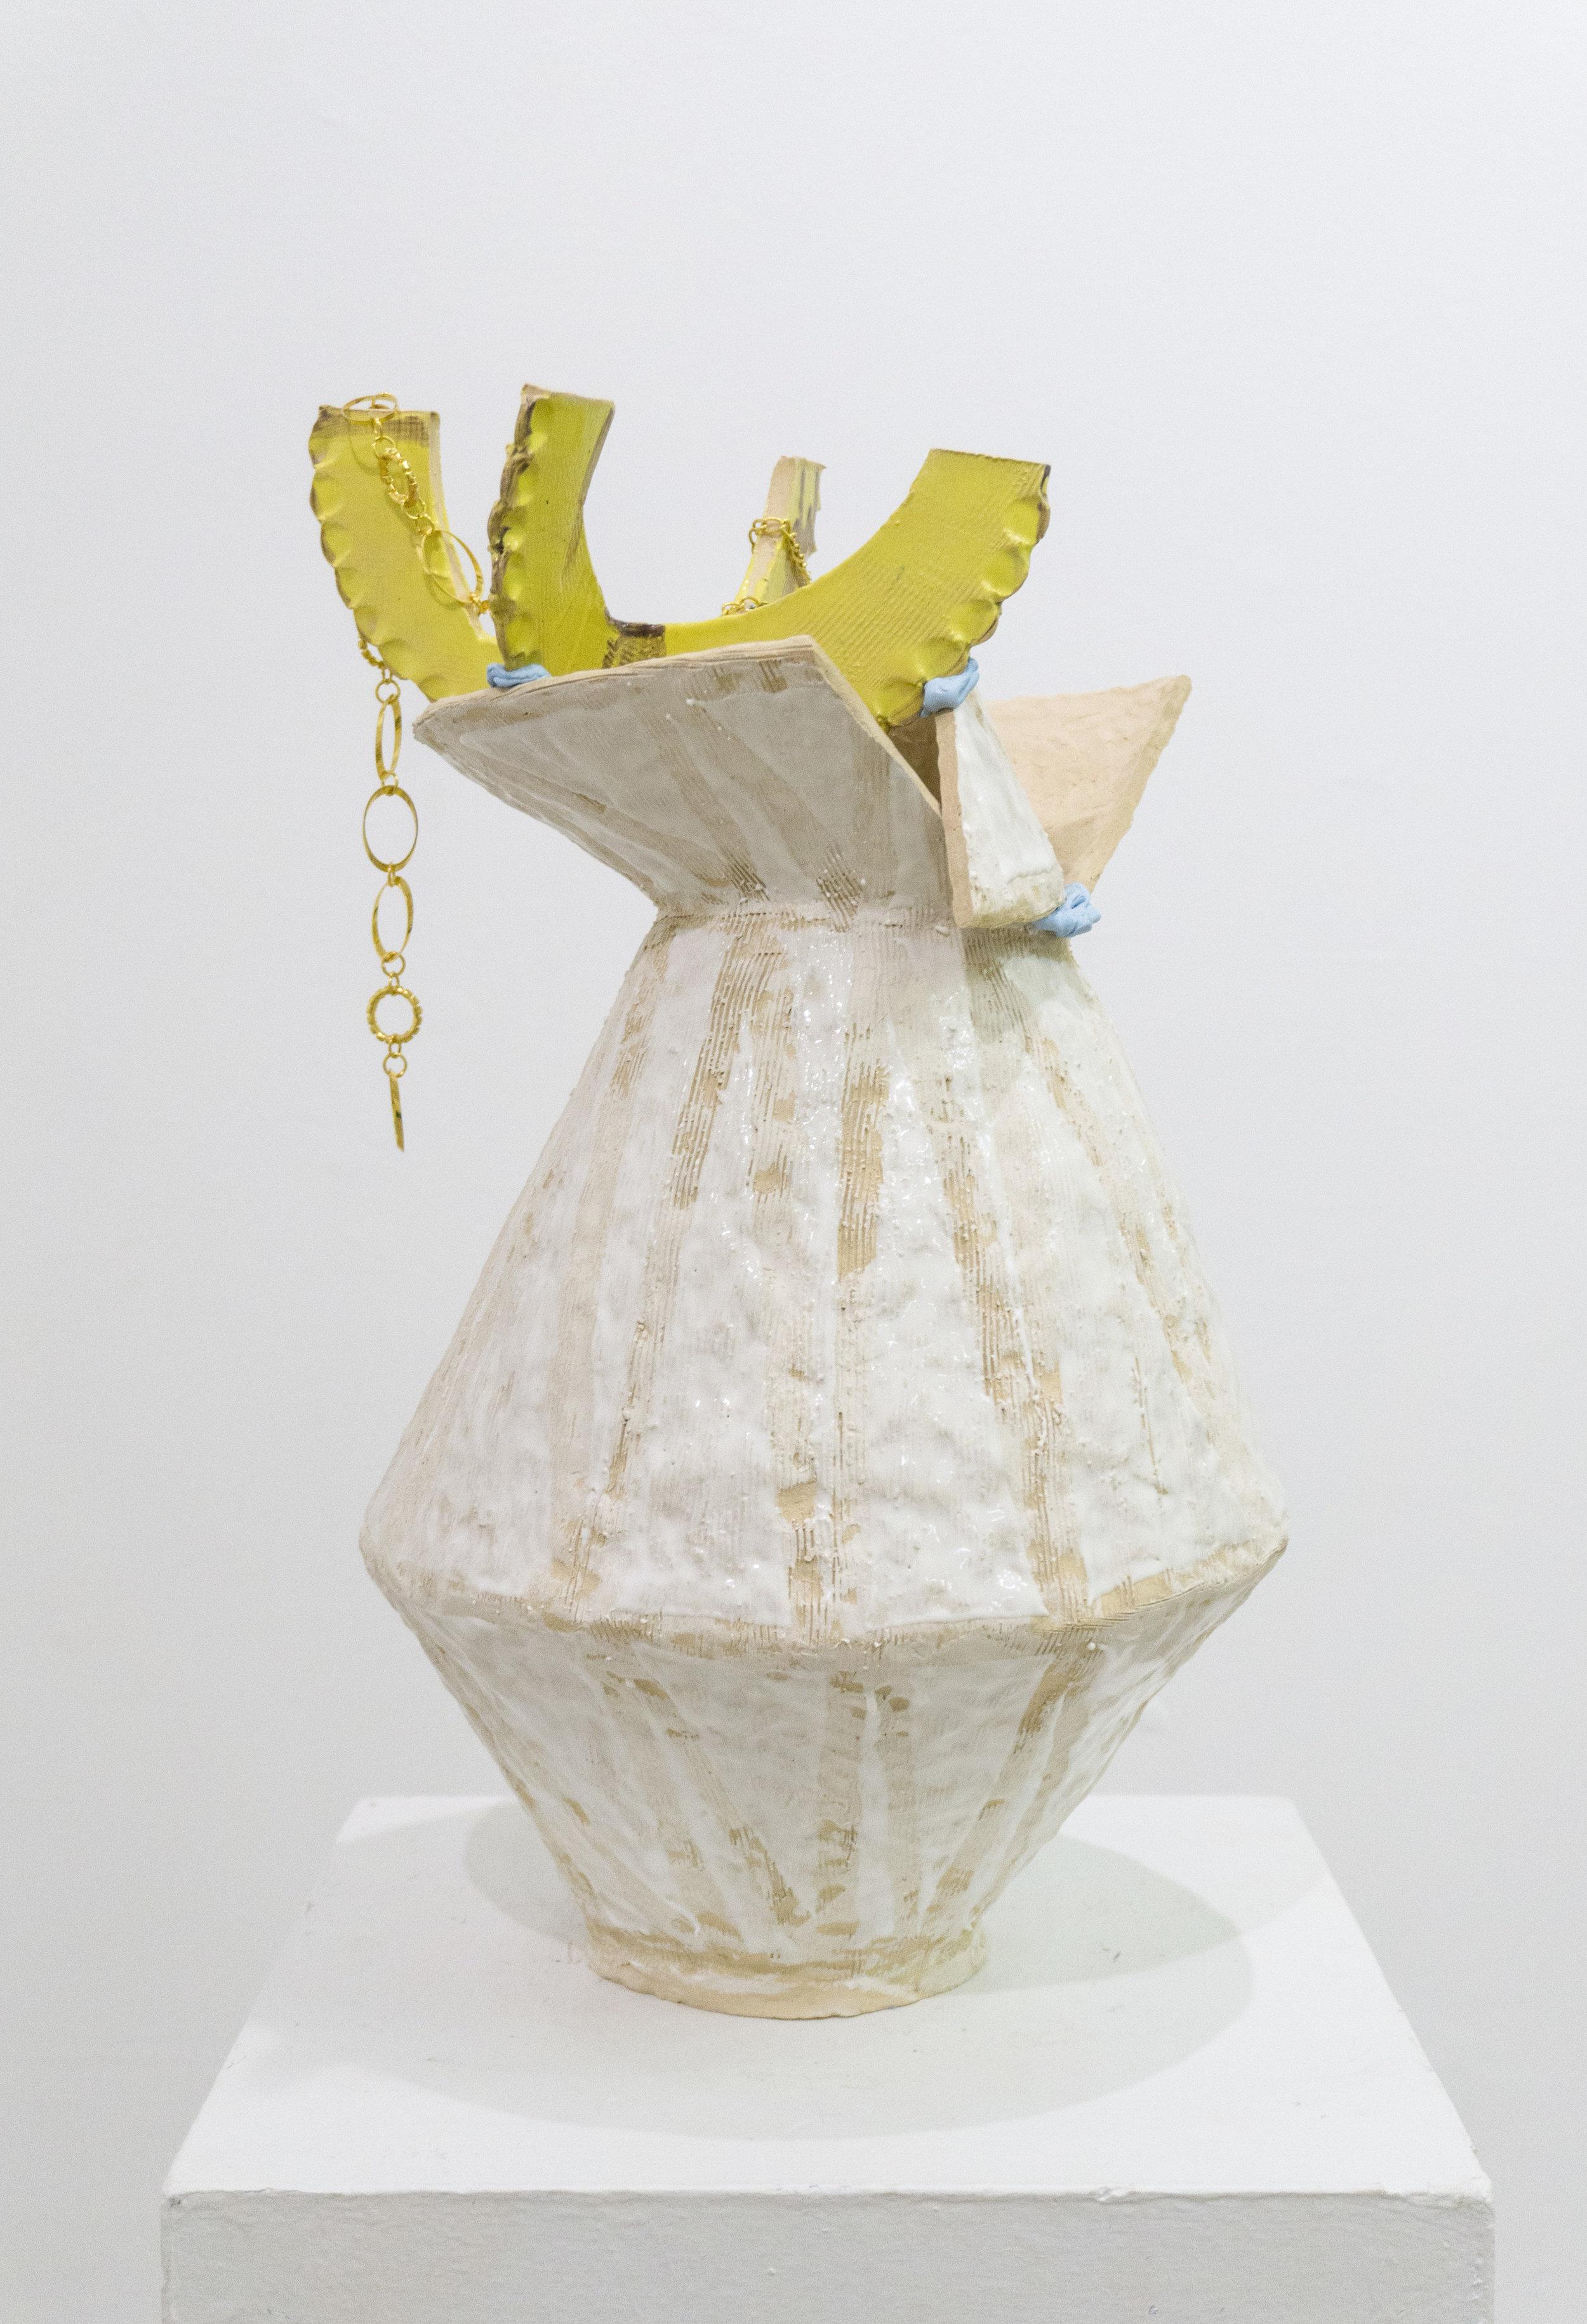 Untitled  Ceramic, glaze, polymer clay, gold jewelry 22h x 14l x 12w in 2016